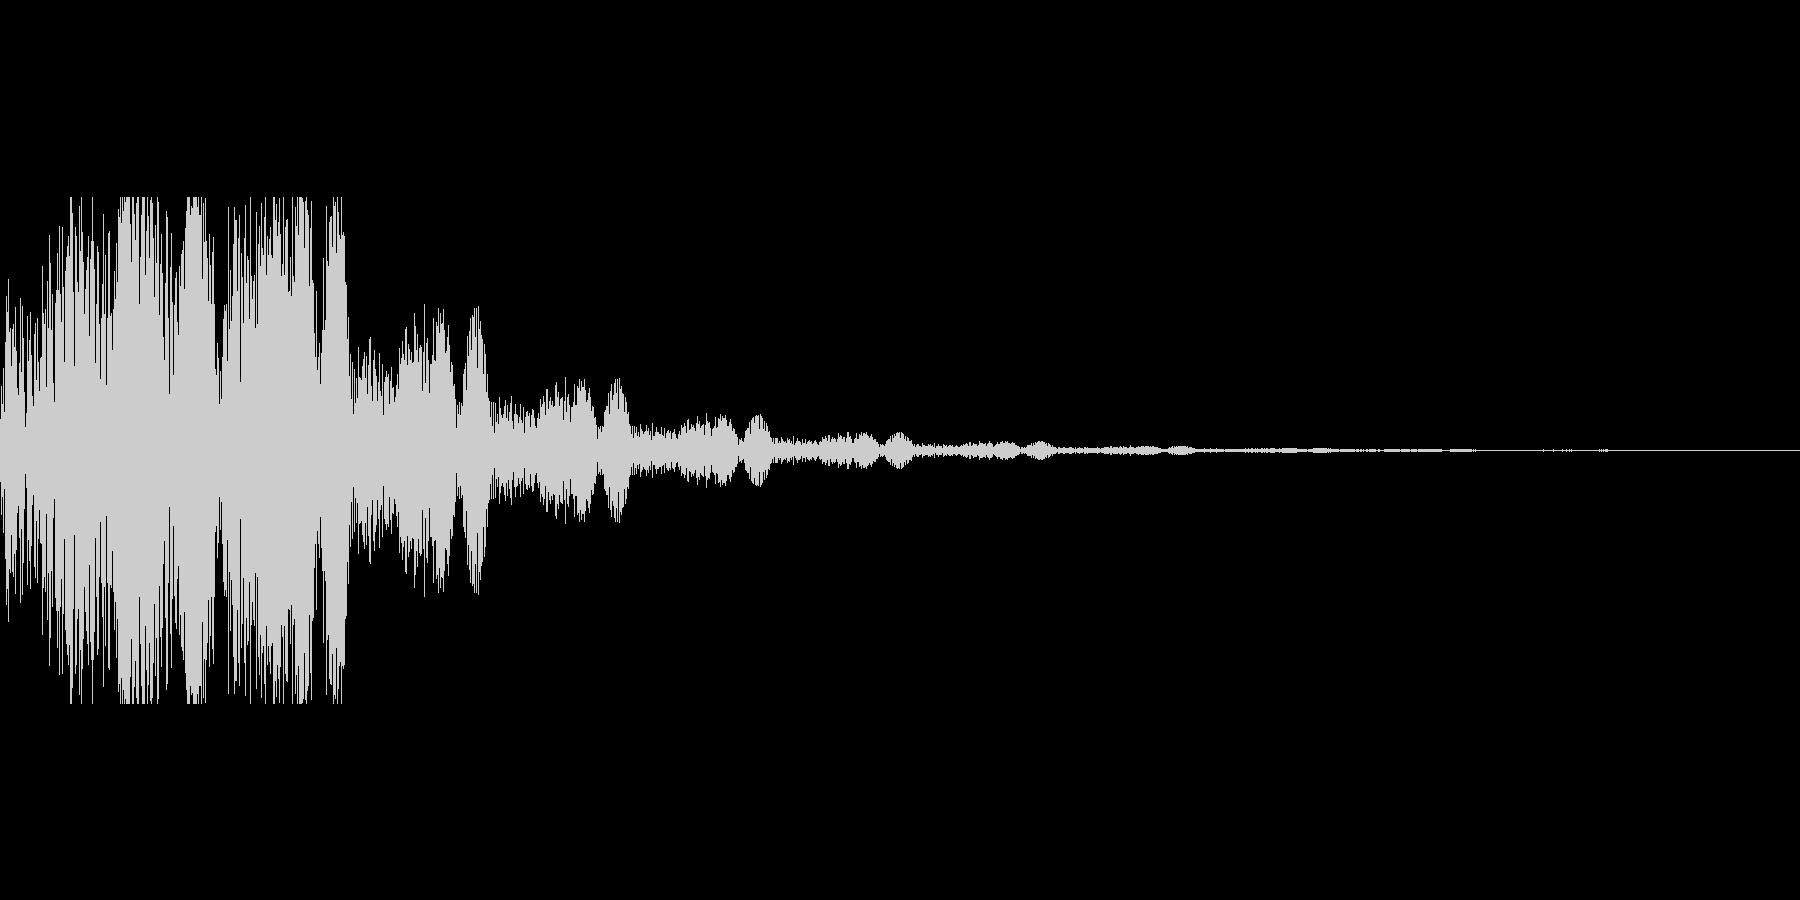 セレクト音の未再生の波形